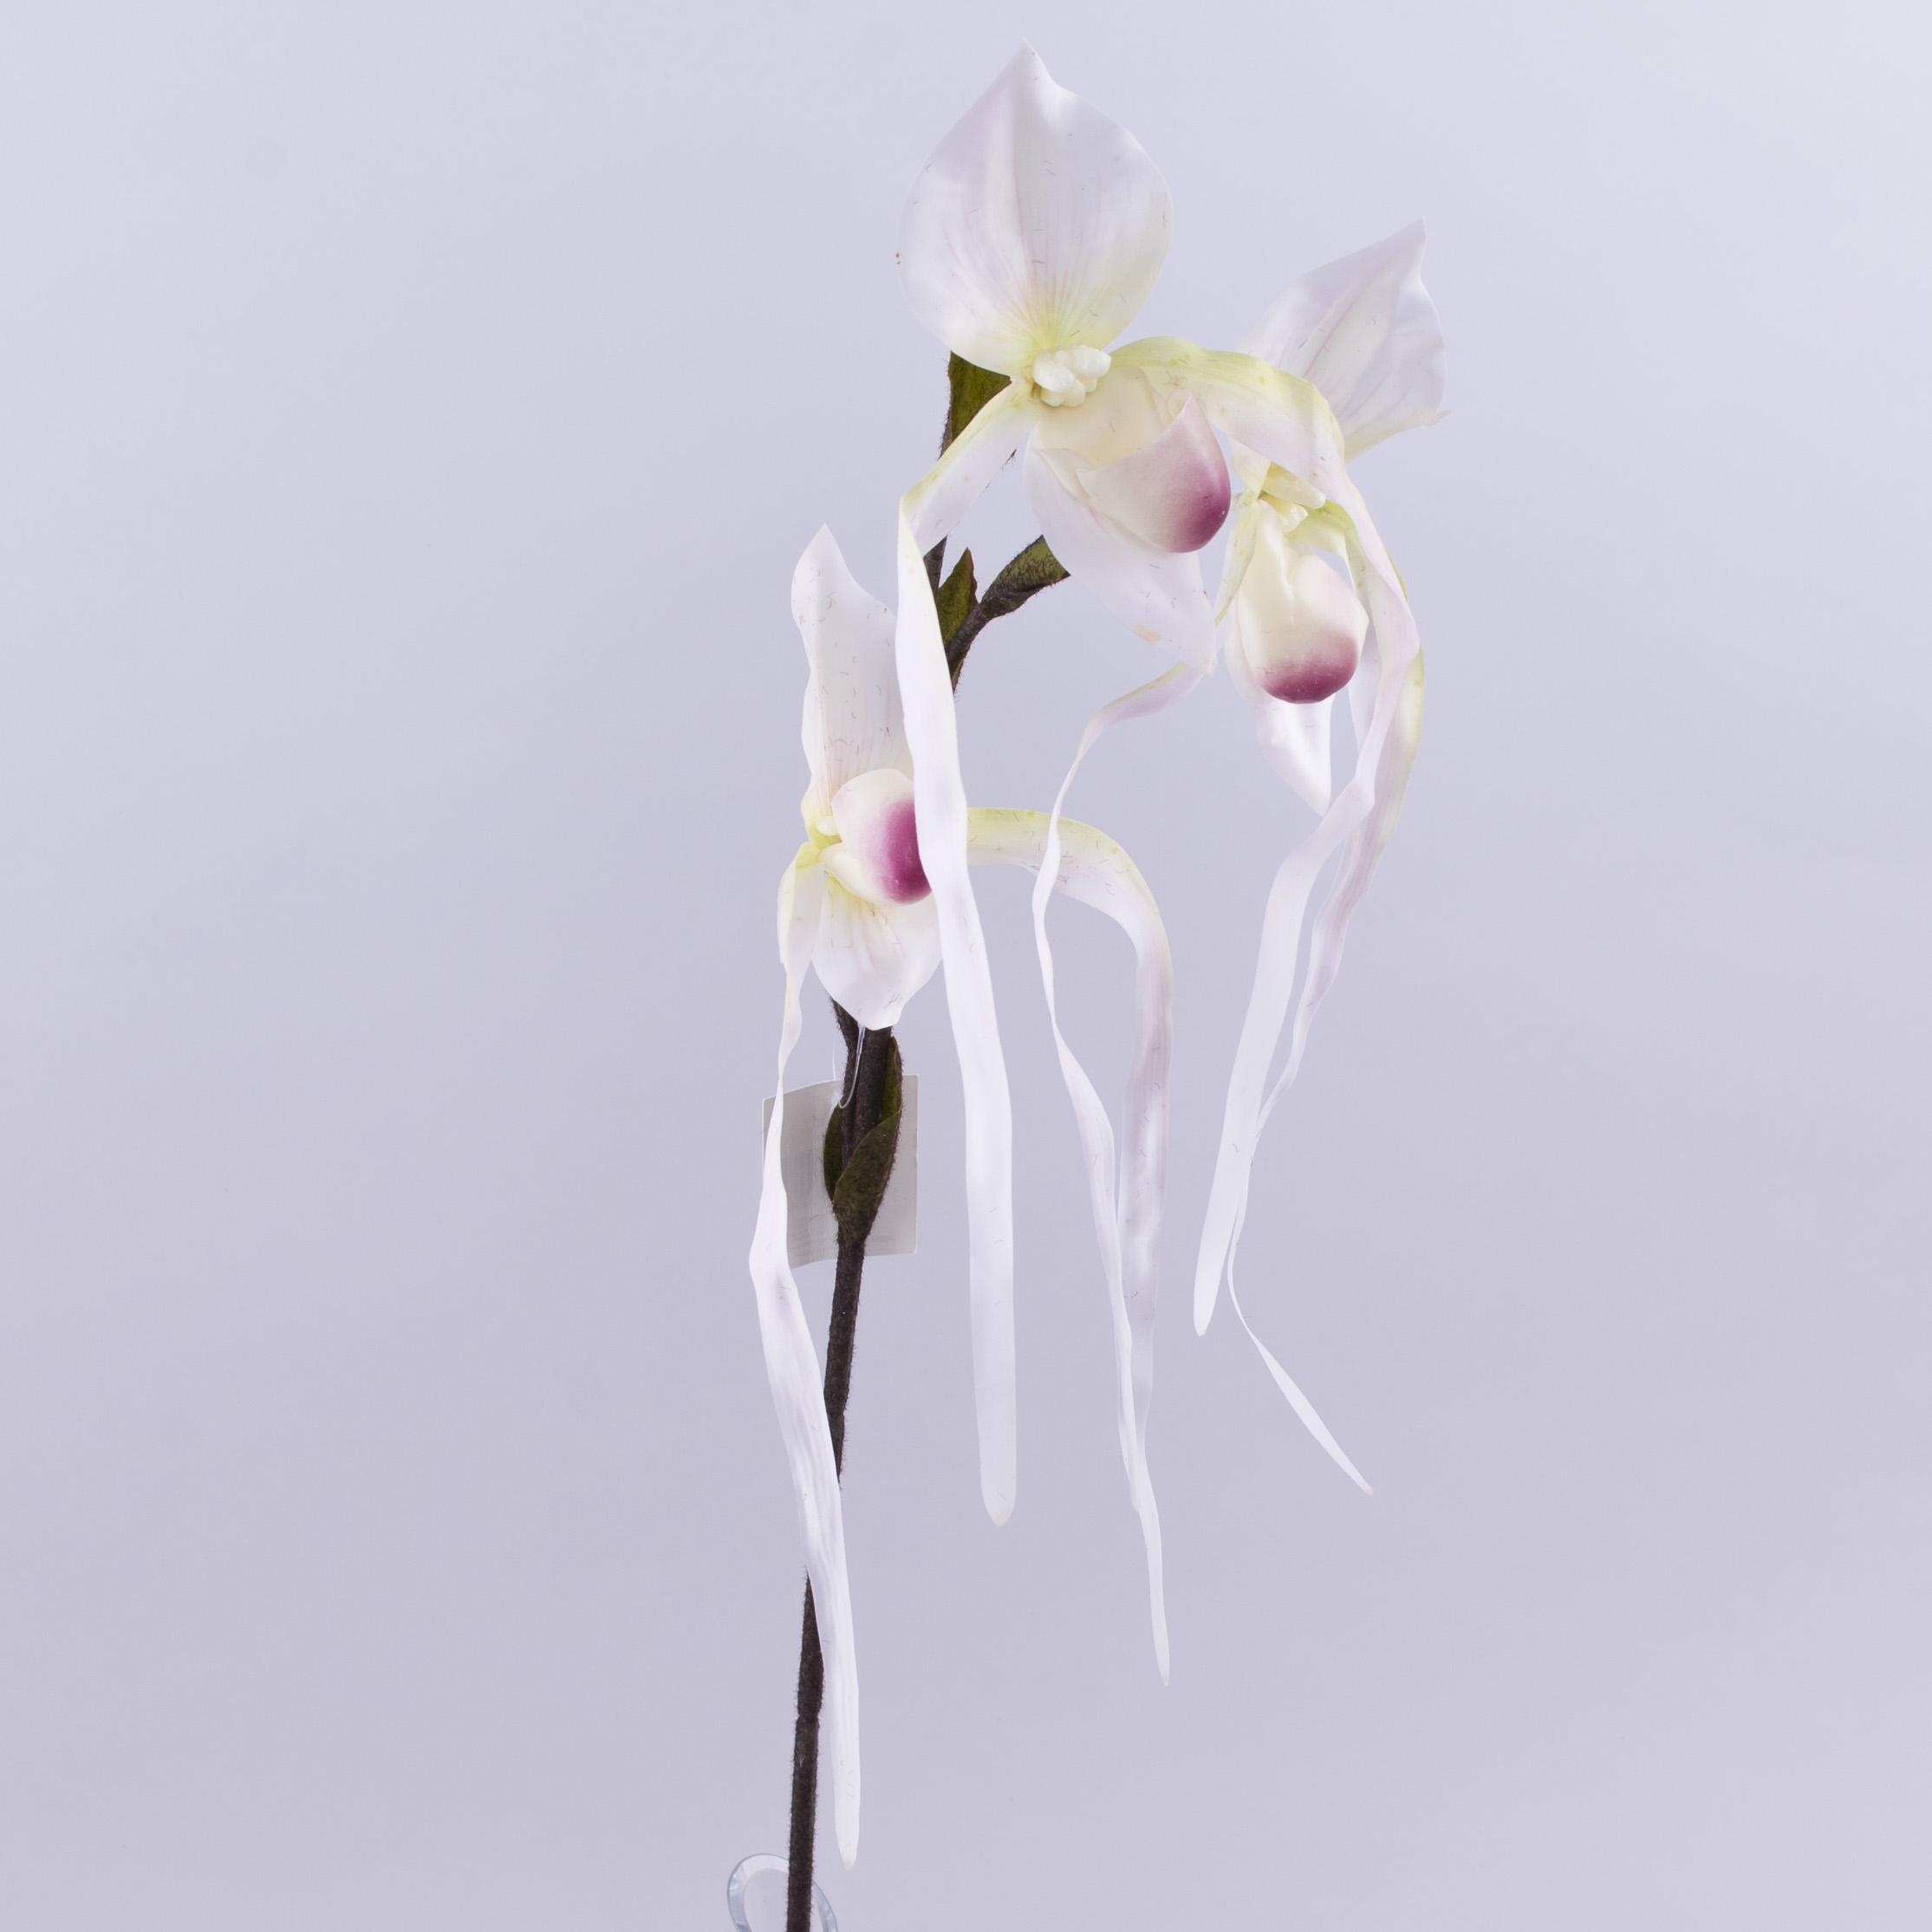 квіти орхідея тигрова звисаюча біла